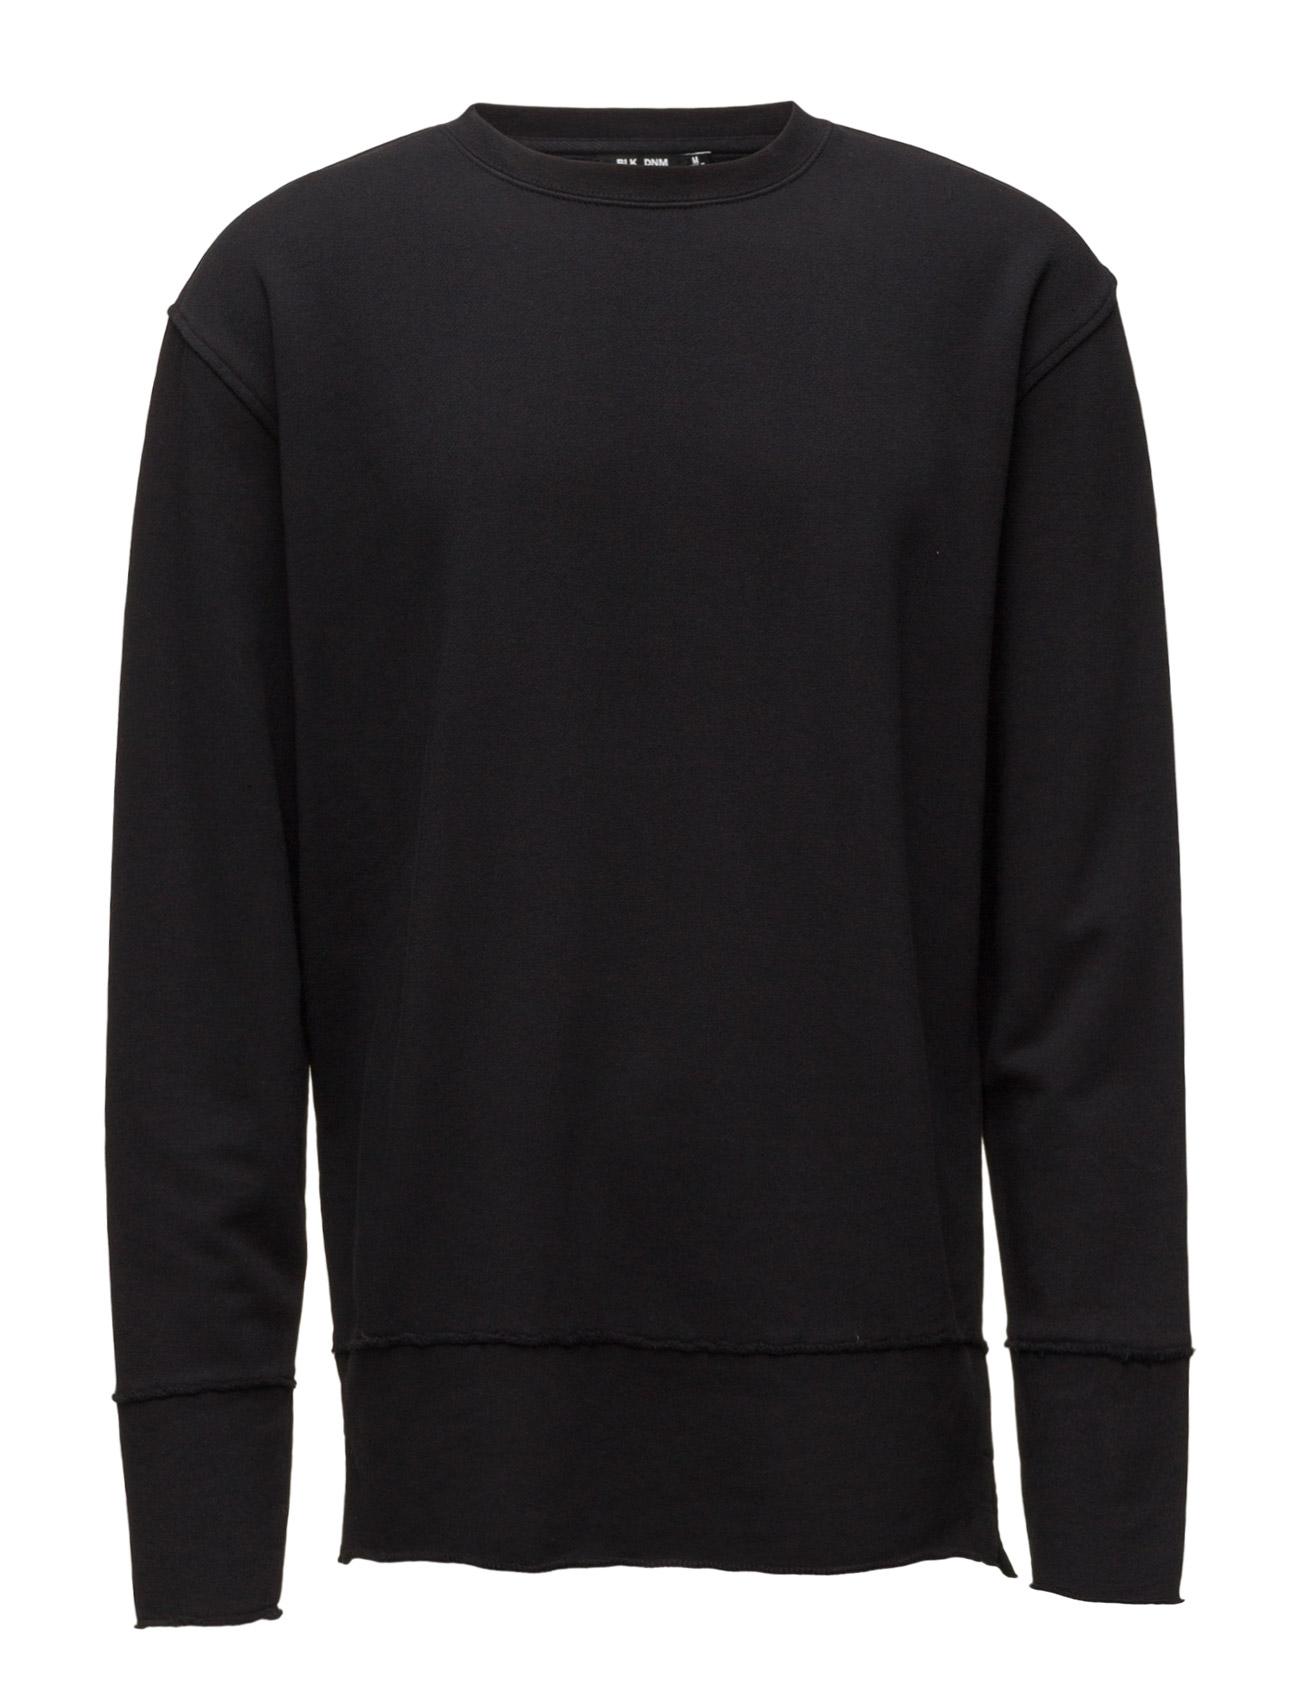 Sweatshirt 75 BLK DNM Sweat pants til Mænd i Sort